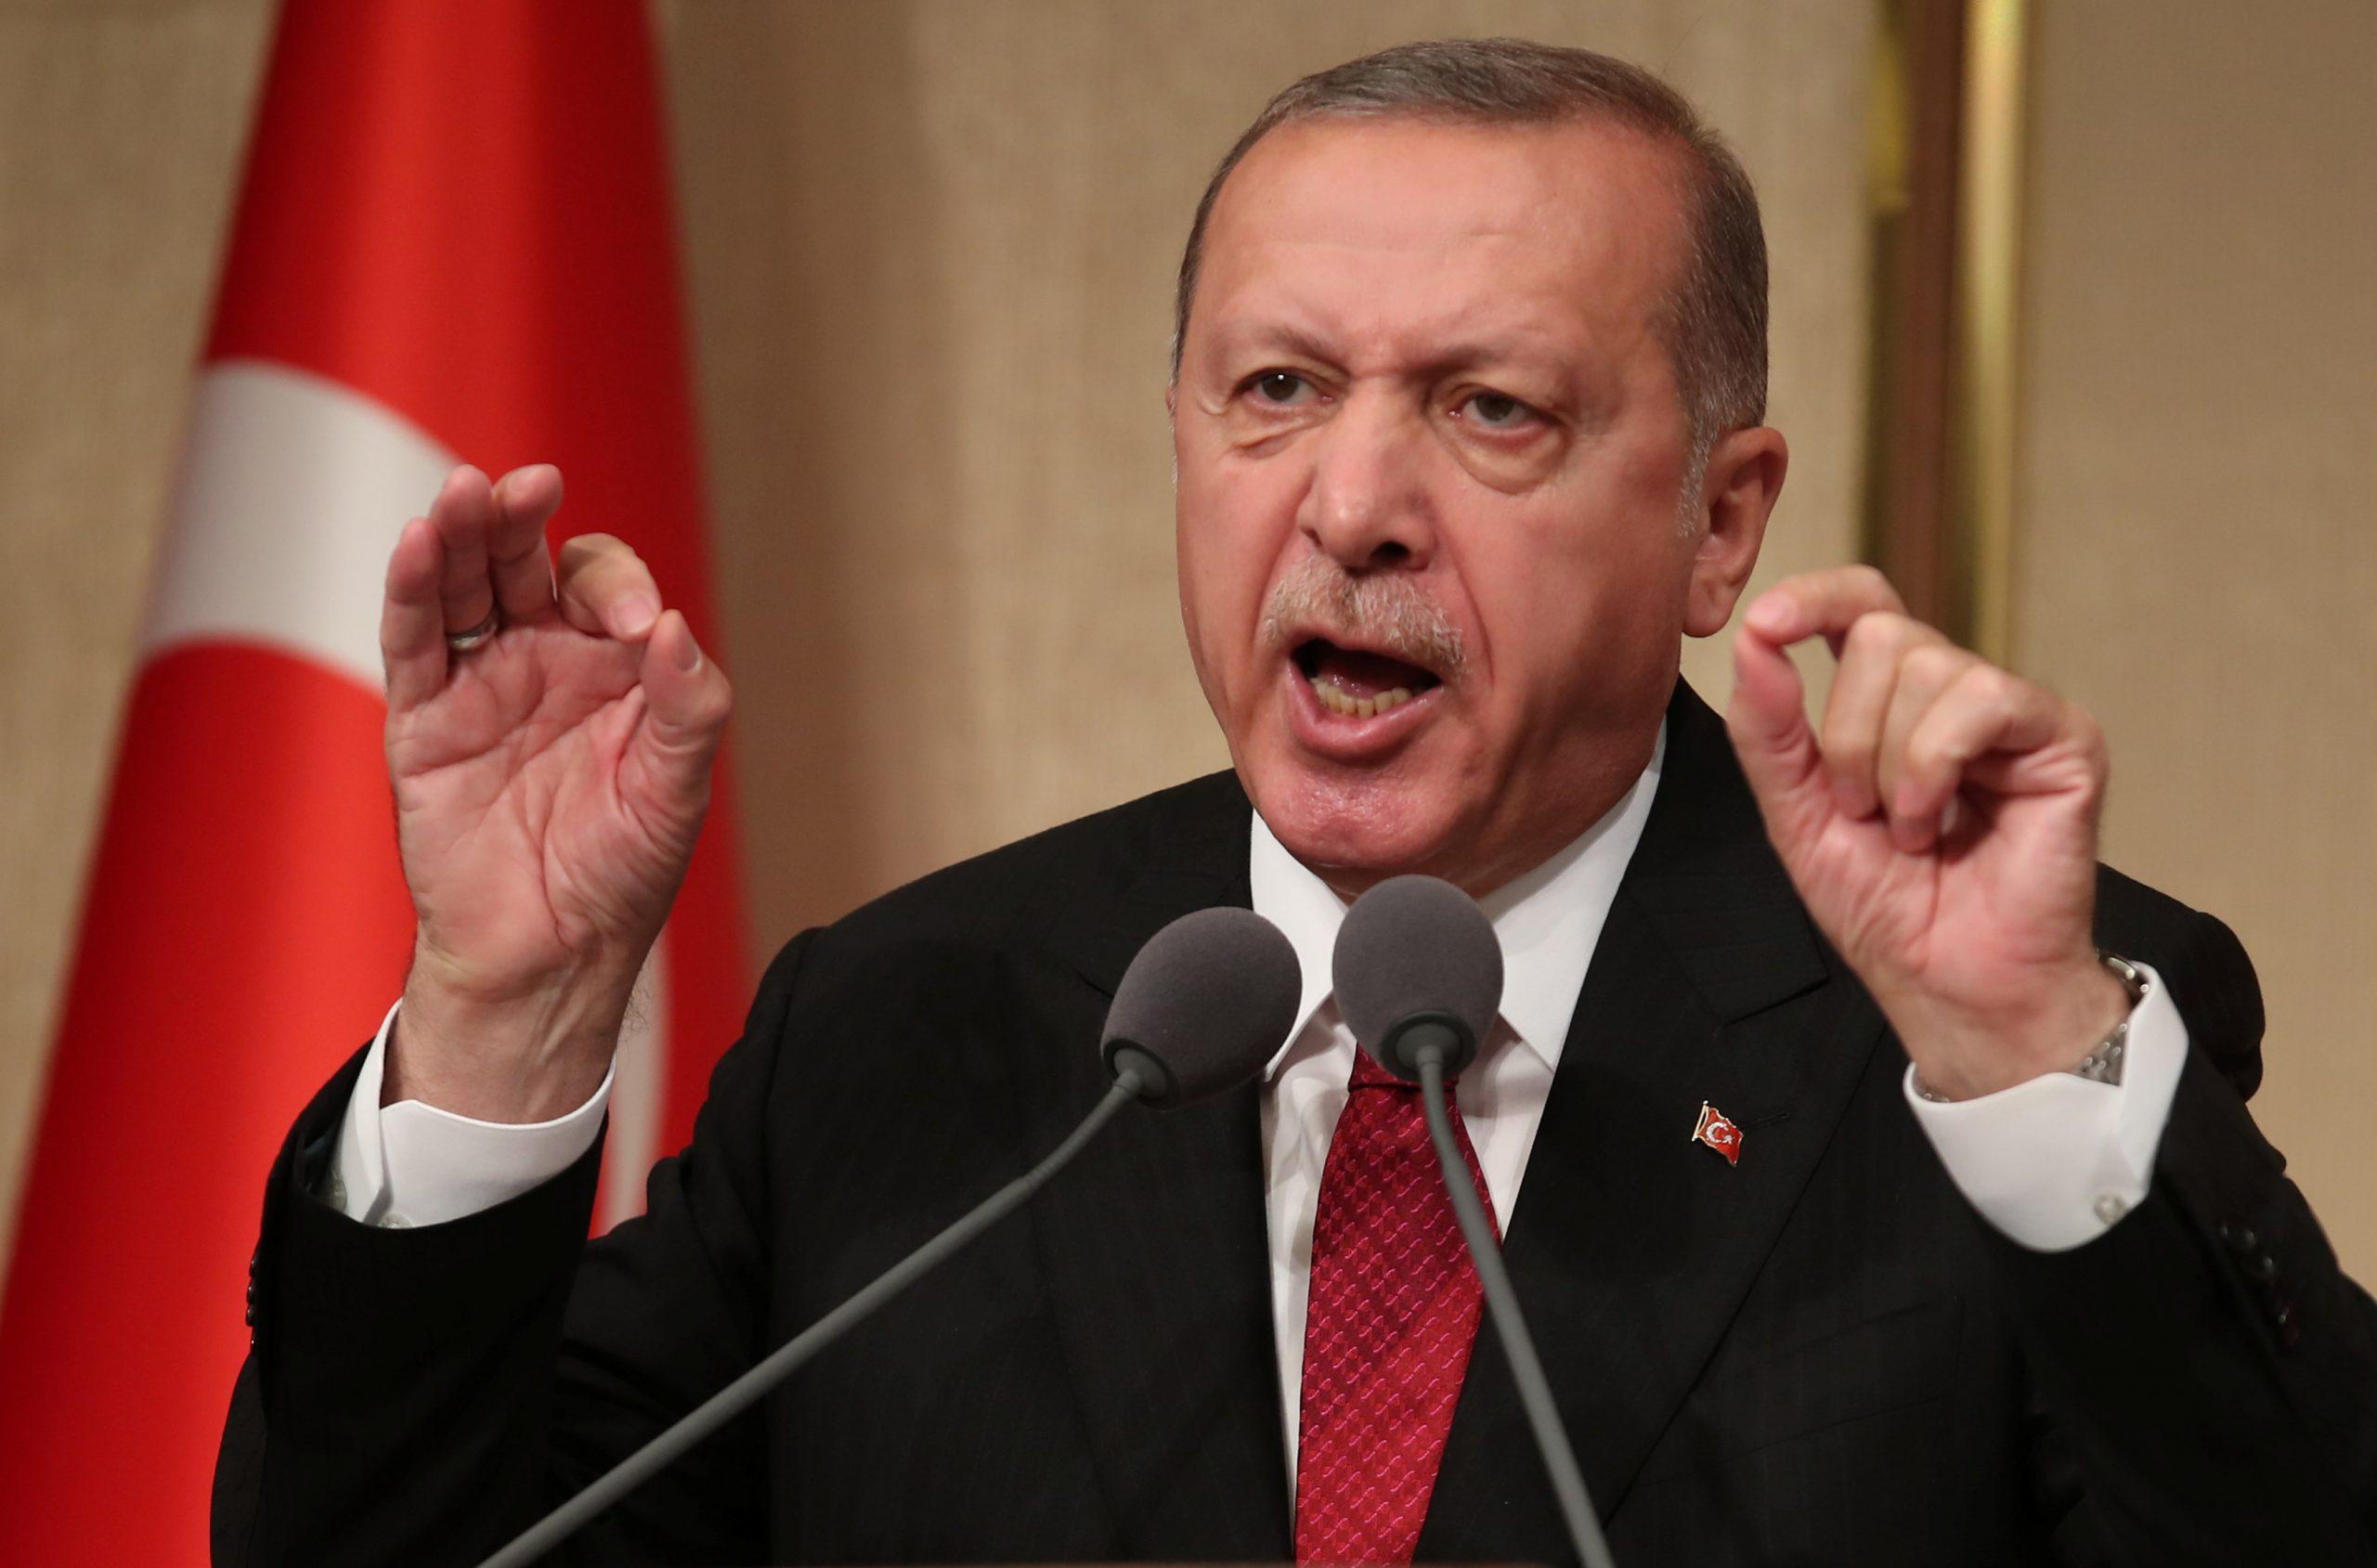 معارض تركي: أردوغان لا يمكنه الترشح للرئاسة مرة أخرى